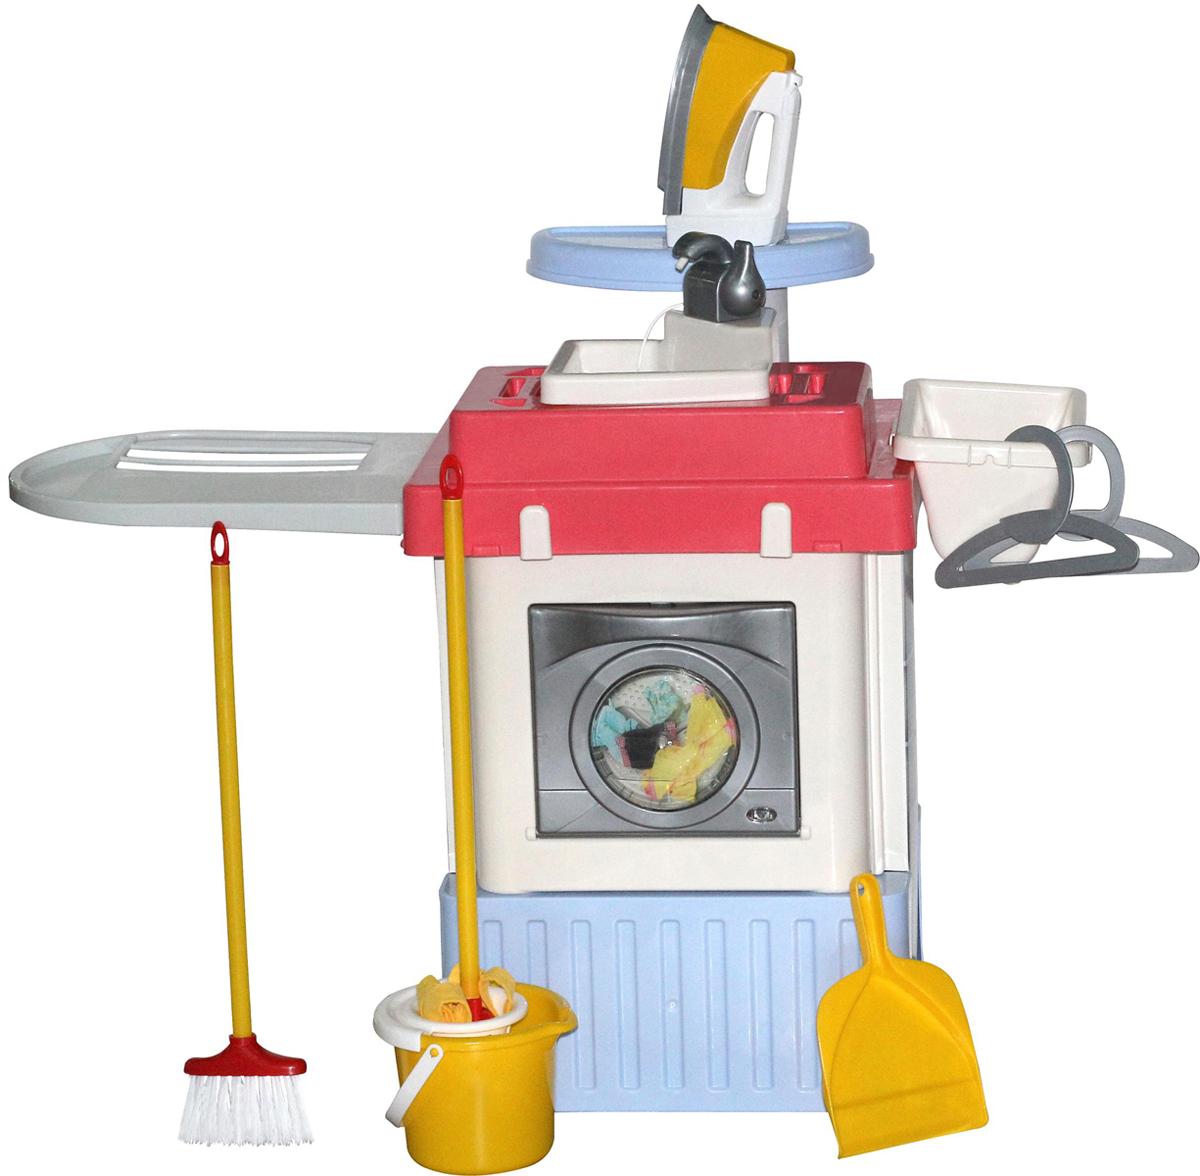 Полесье Игровой набор Infinity Premium №1 - Сюжетно-ролевые игрушки